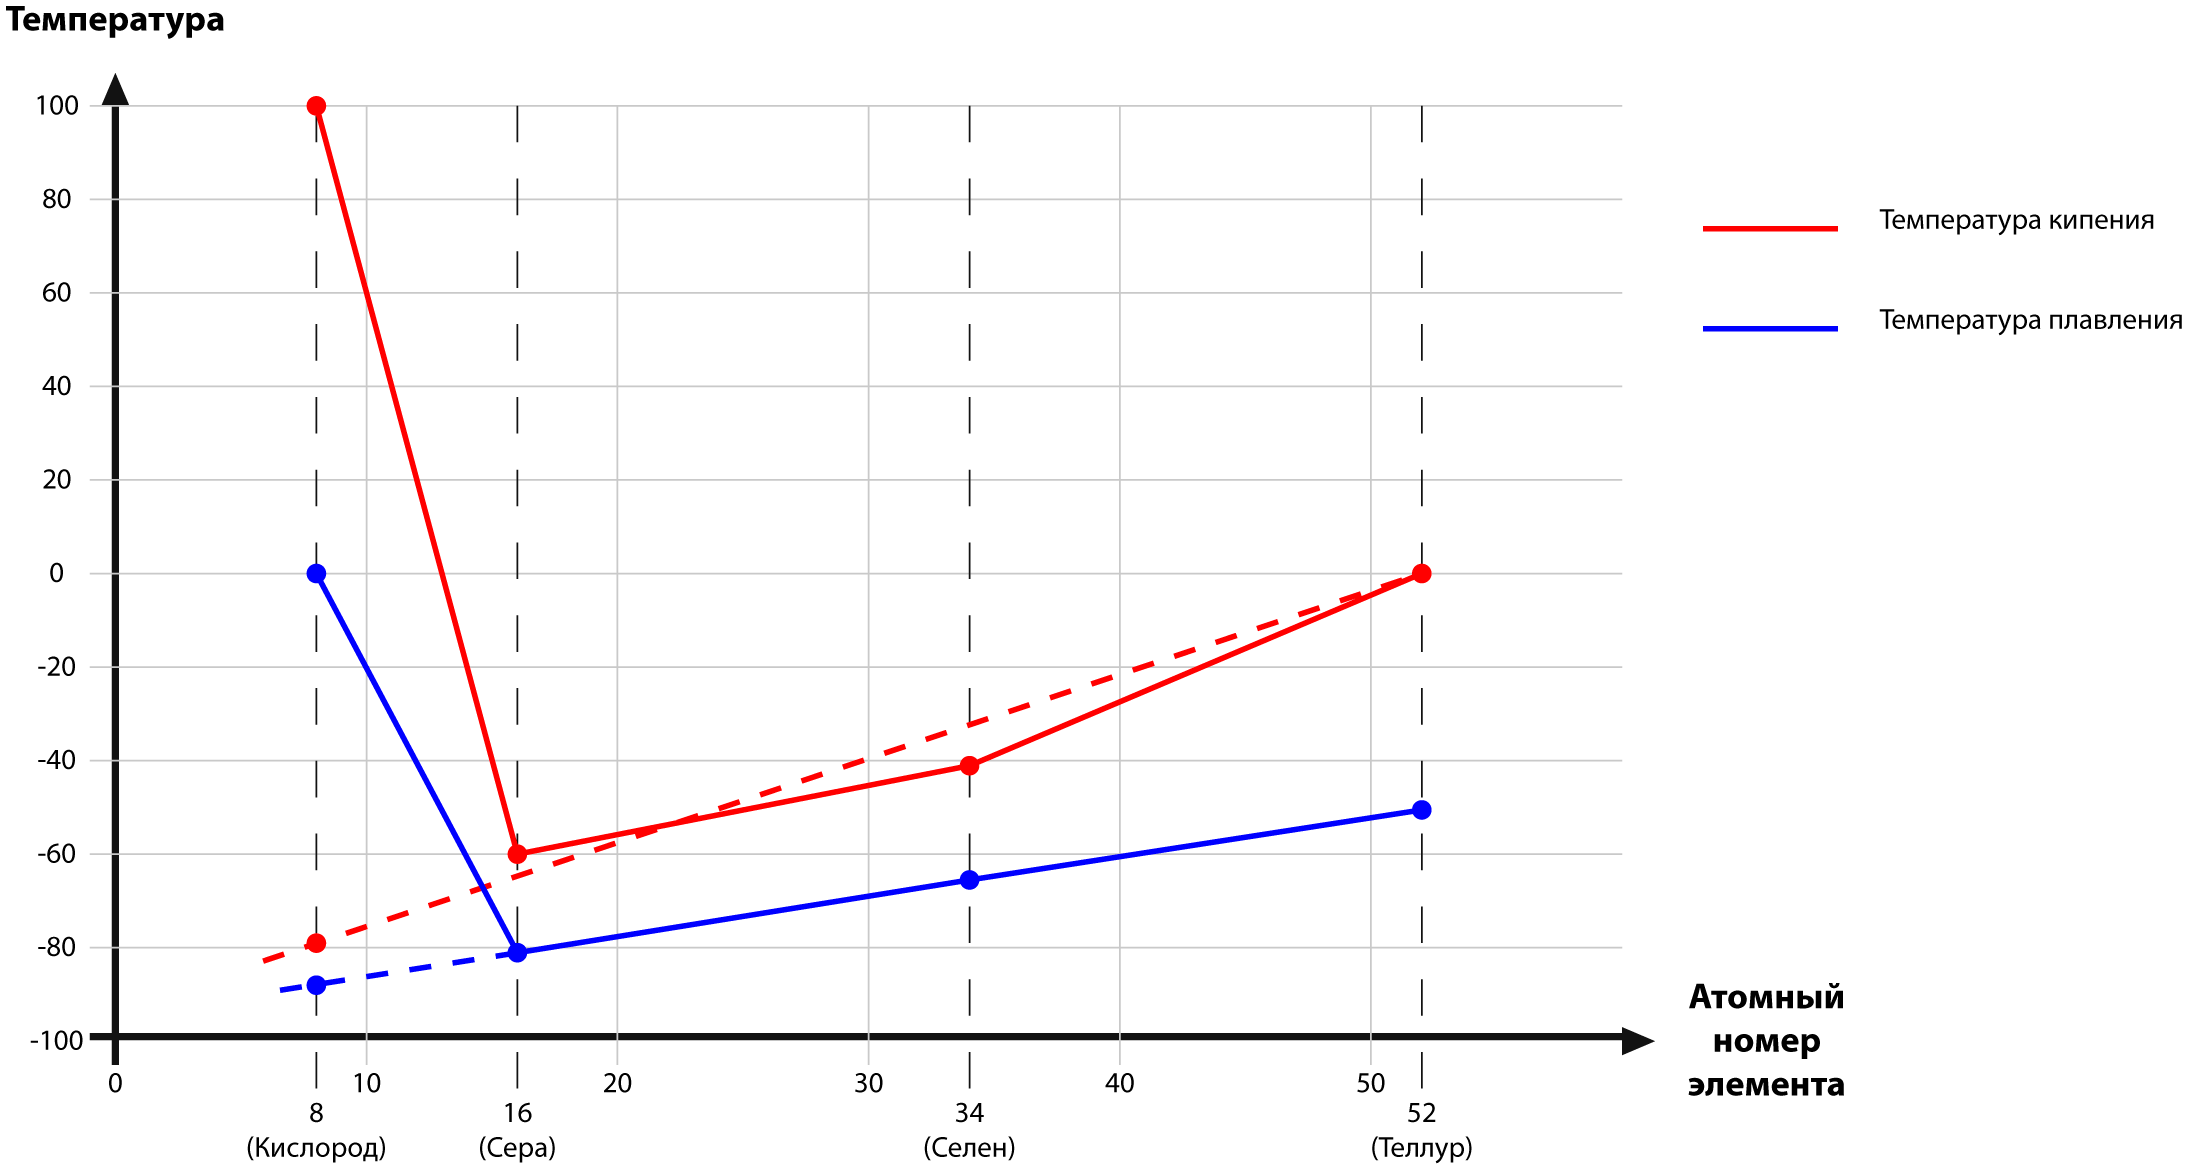 температуры кипения и плавления водородных соединений элементов VIгруппы периодической системы